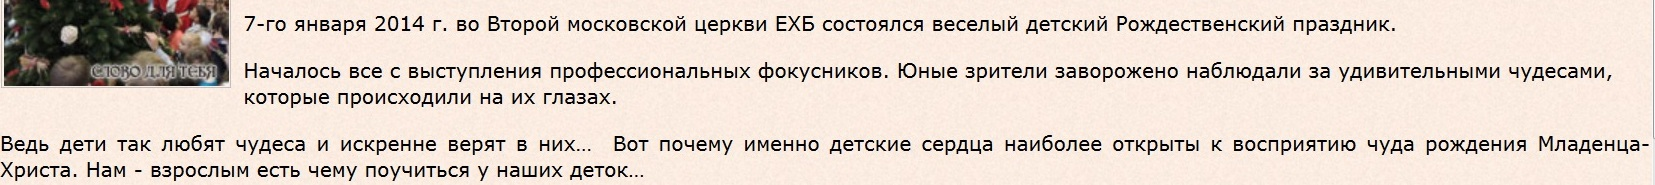 Елка_Фокусы и чудеса